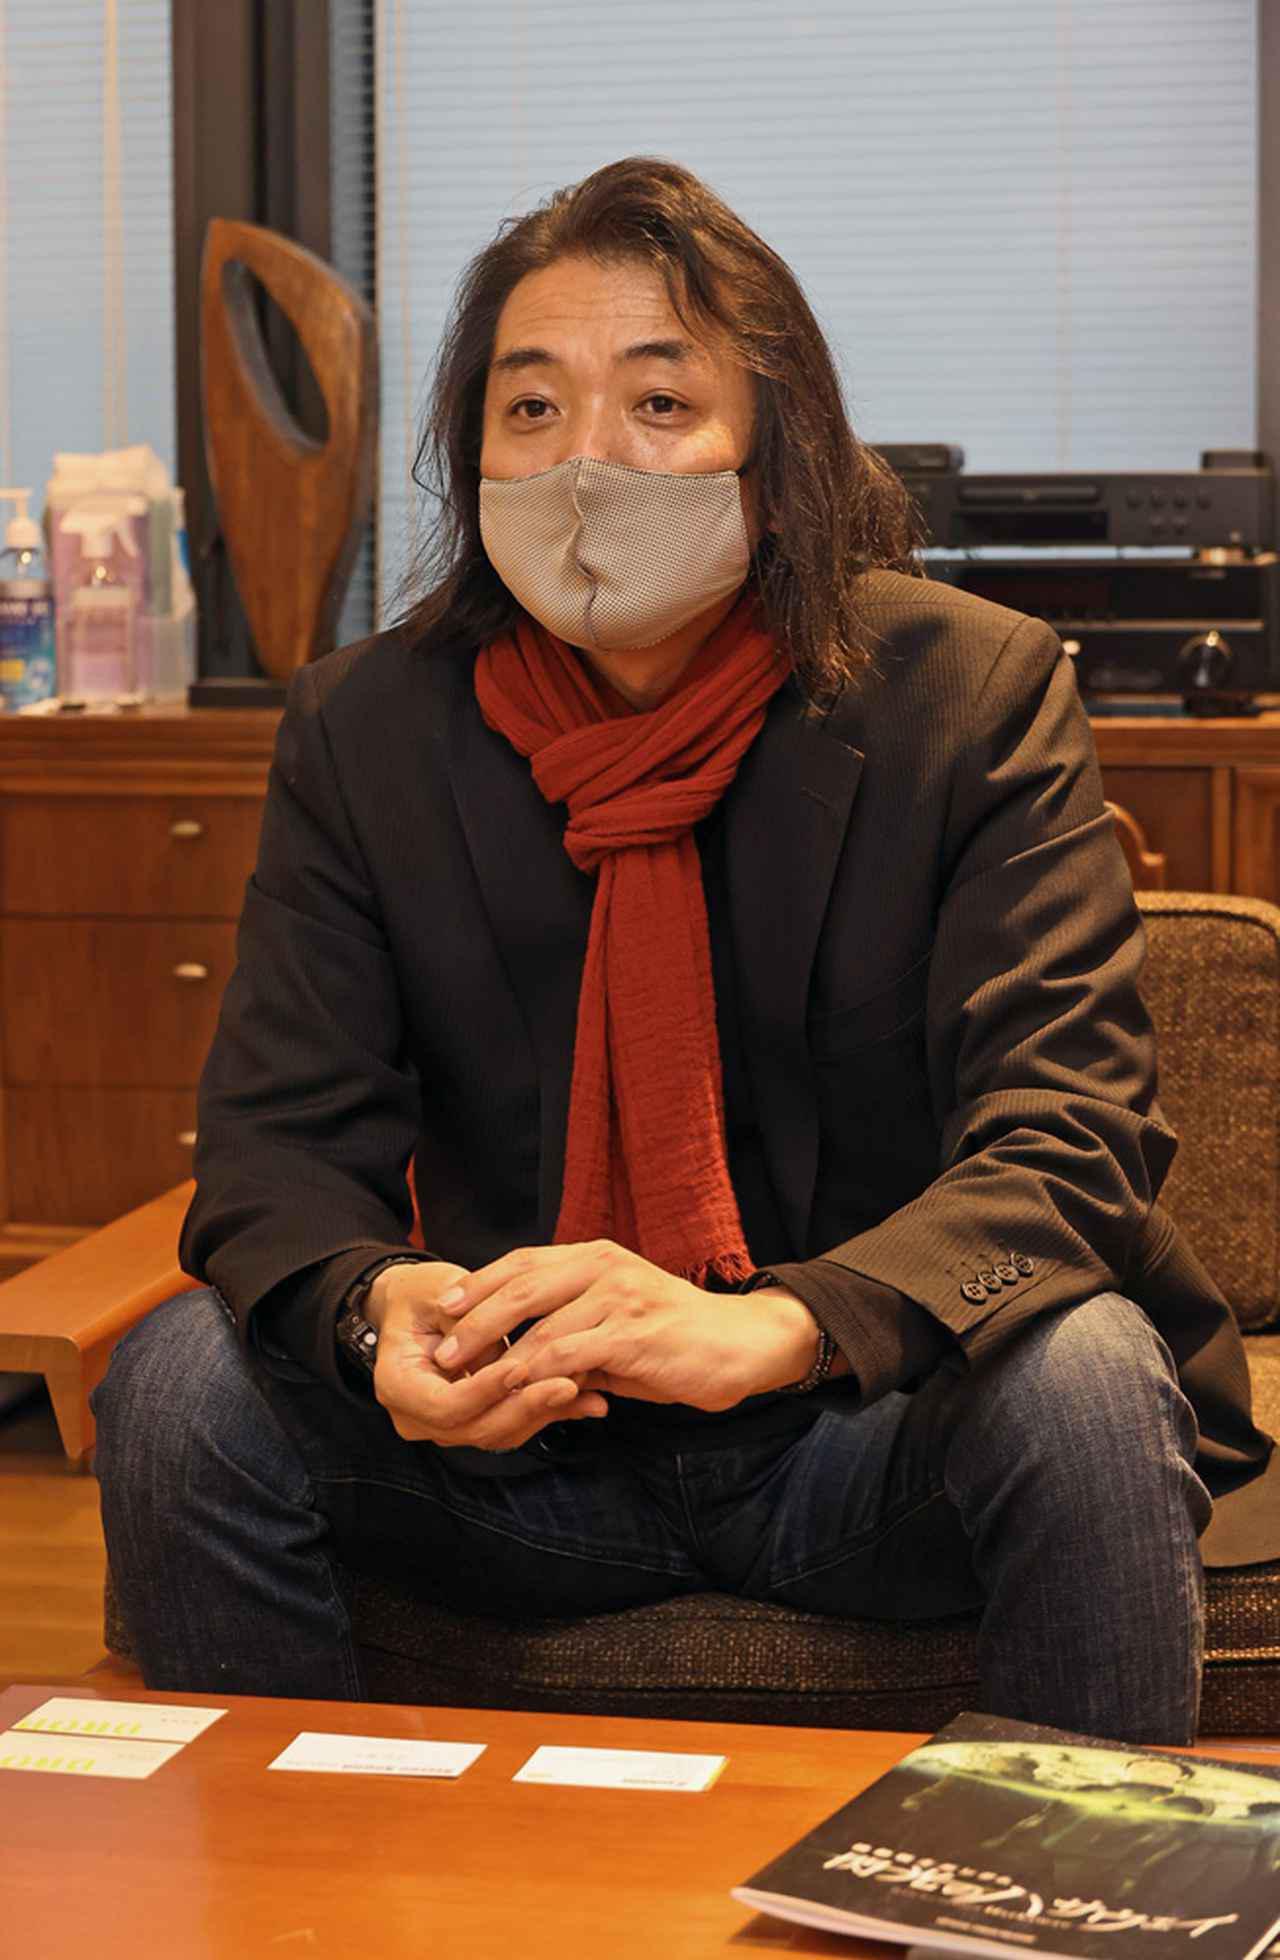 画像2: 映画『機動戦士ガンダム 閃光のハサウェイ』が、いよいよドルビーシネマで6月11日(金)より公開。音響演出の笠松広司氏にインタビューした